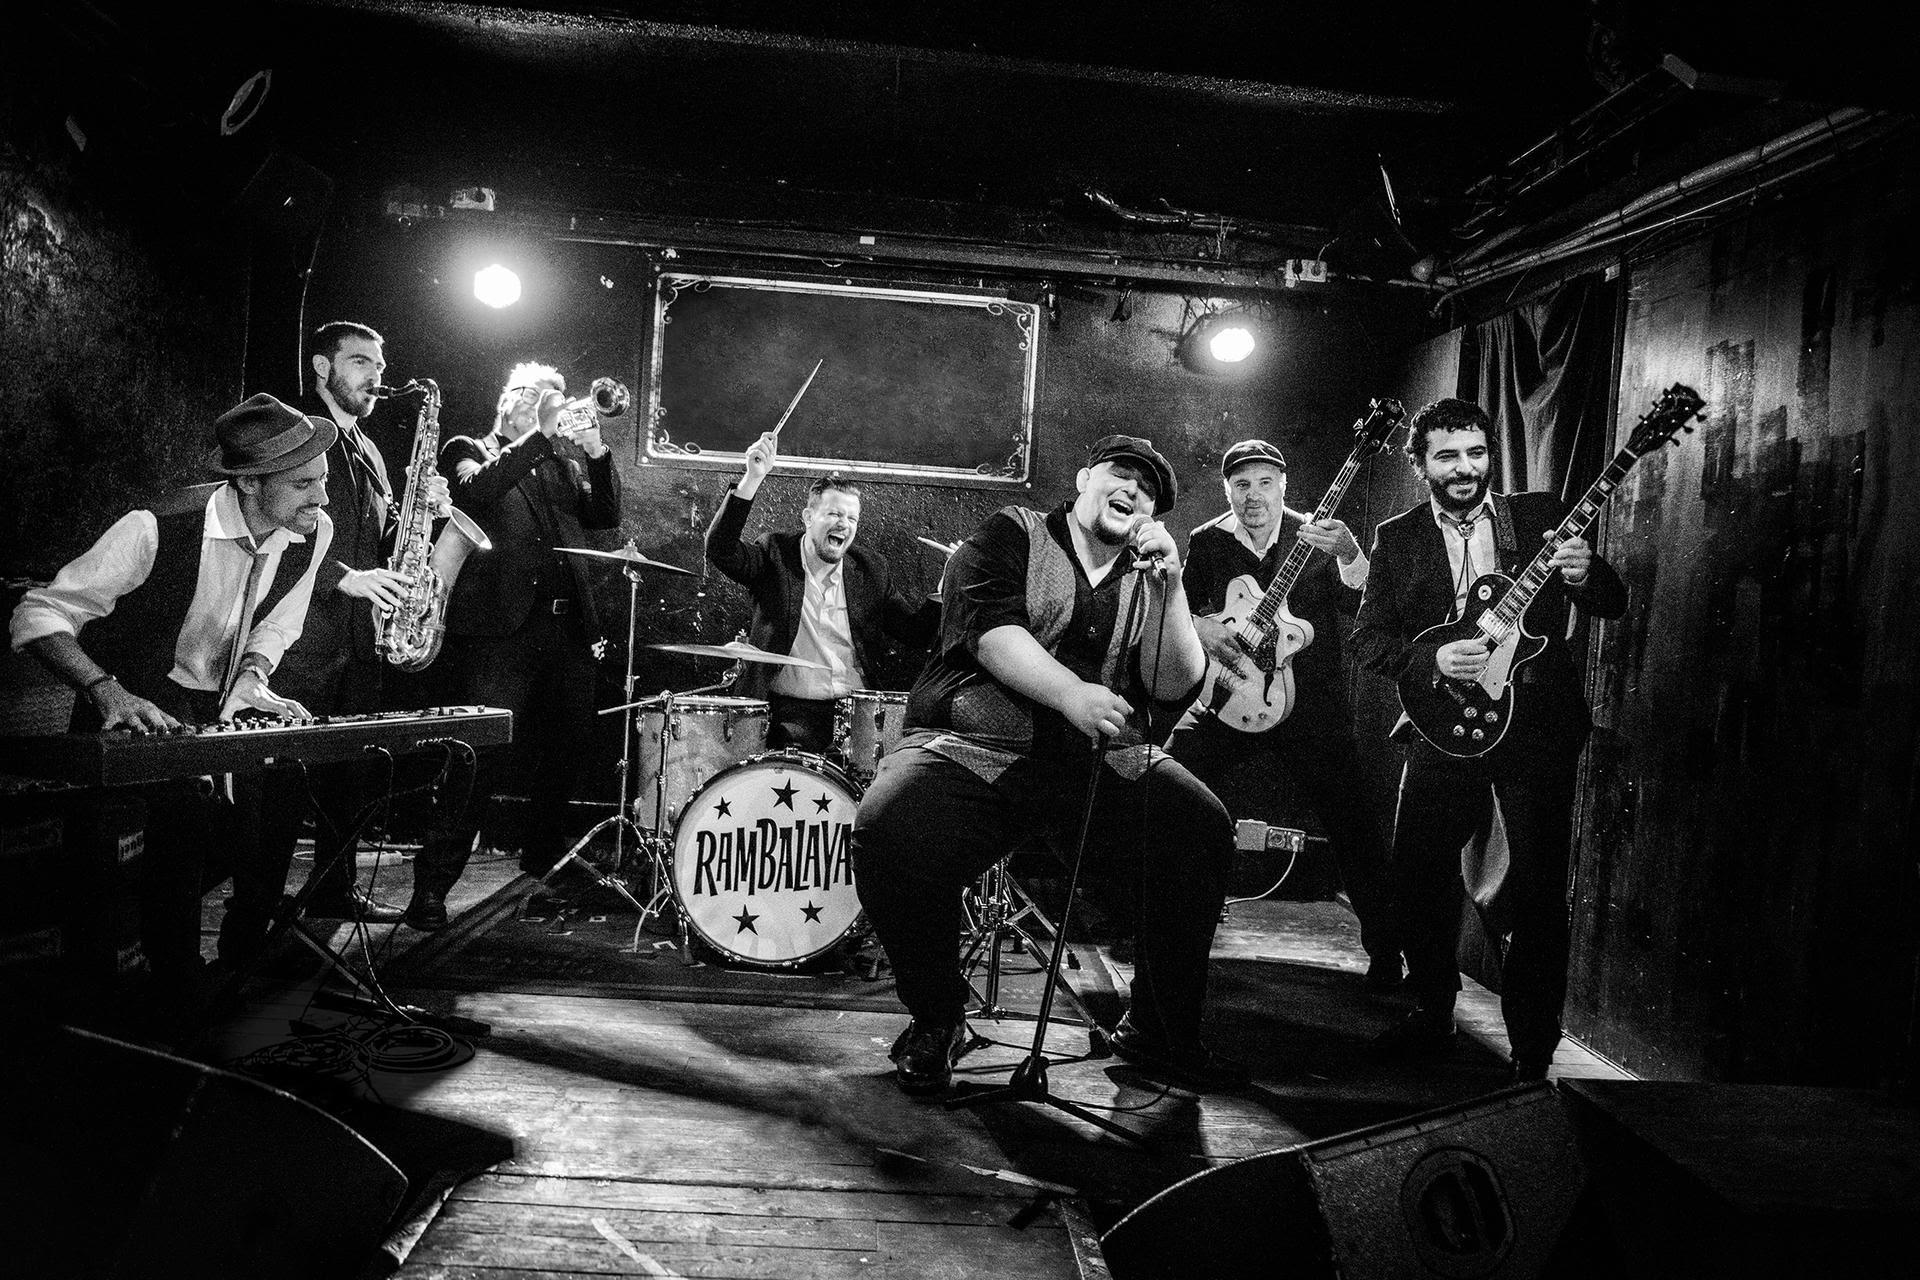 RAMBALAYA, nuevo proyecto de Anton Jarl, batería de Mambo Jambo y Los Saxofonistas Salvajes. Primer Singe